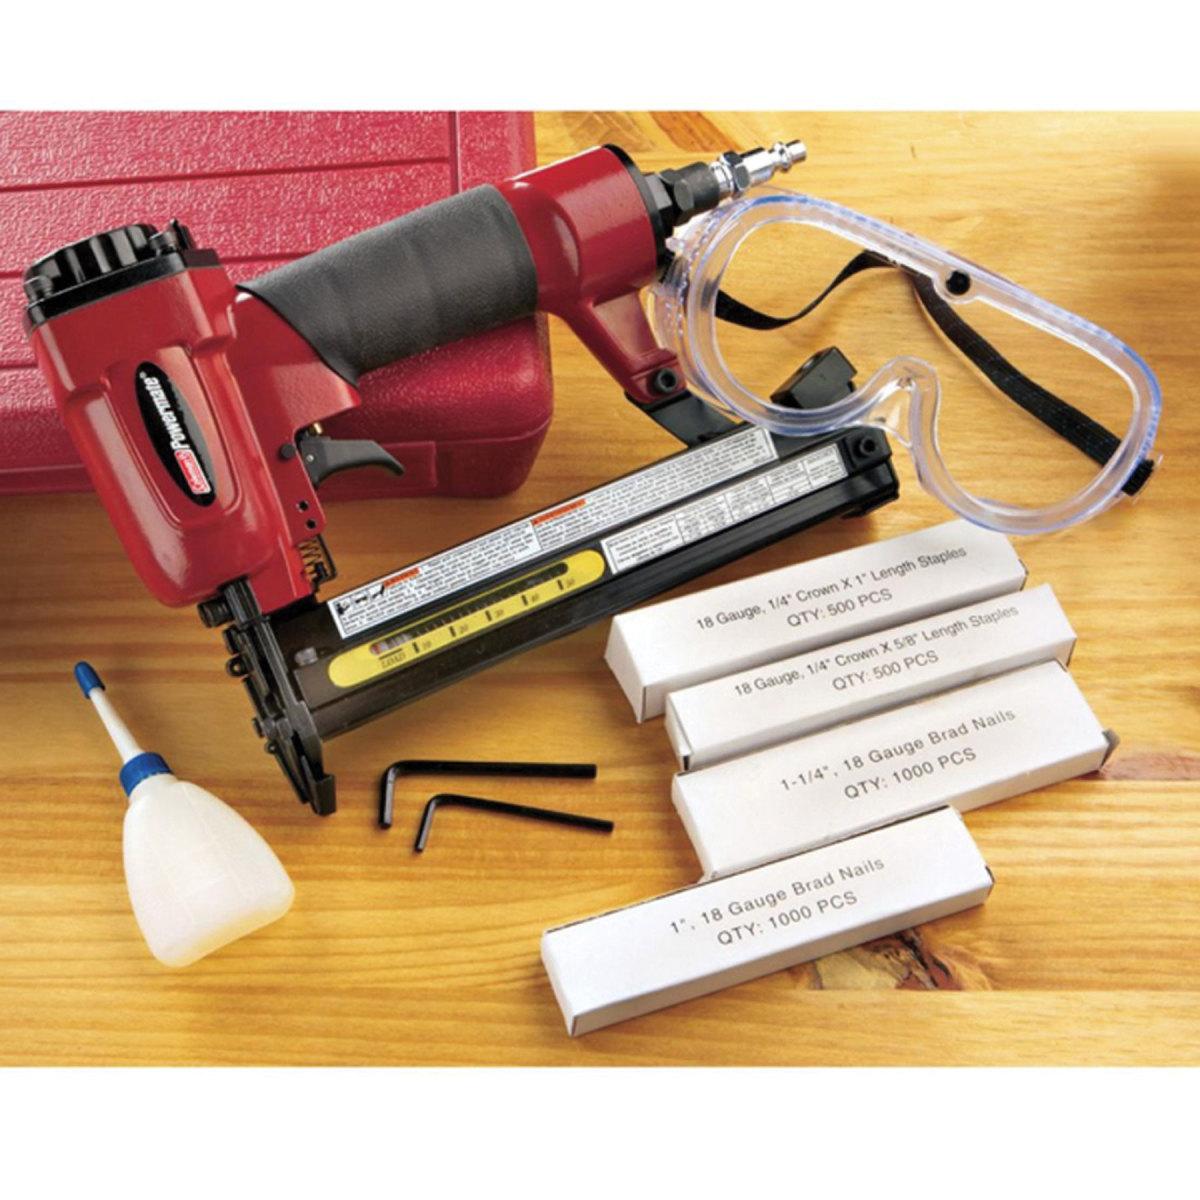 Powermate 024-0179CT kit